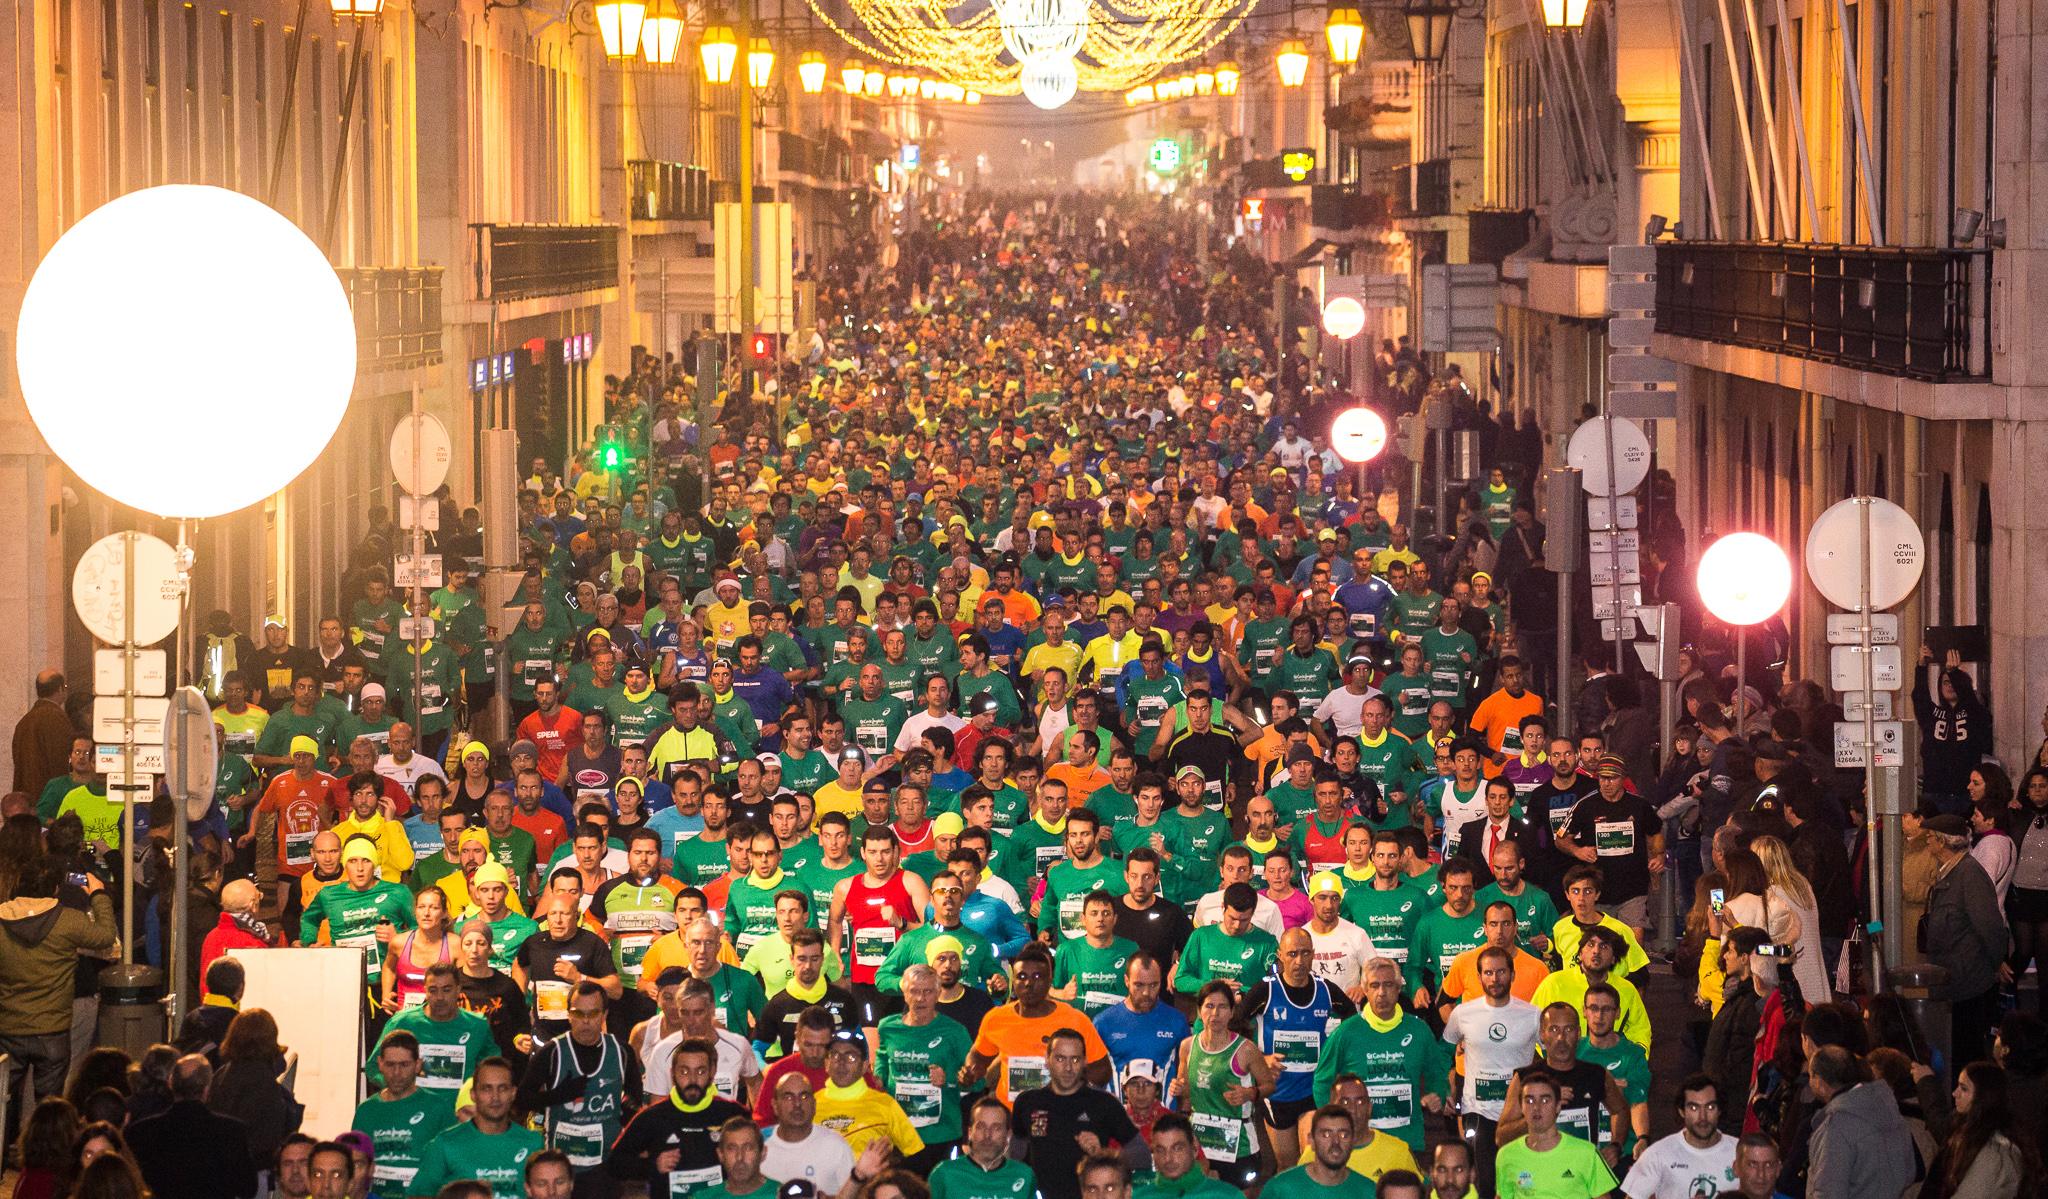 ¡La San Silvestre en Lisboa! Participa en el concurso y gana un viaje para dos personas